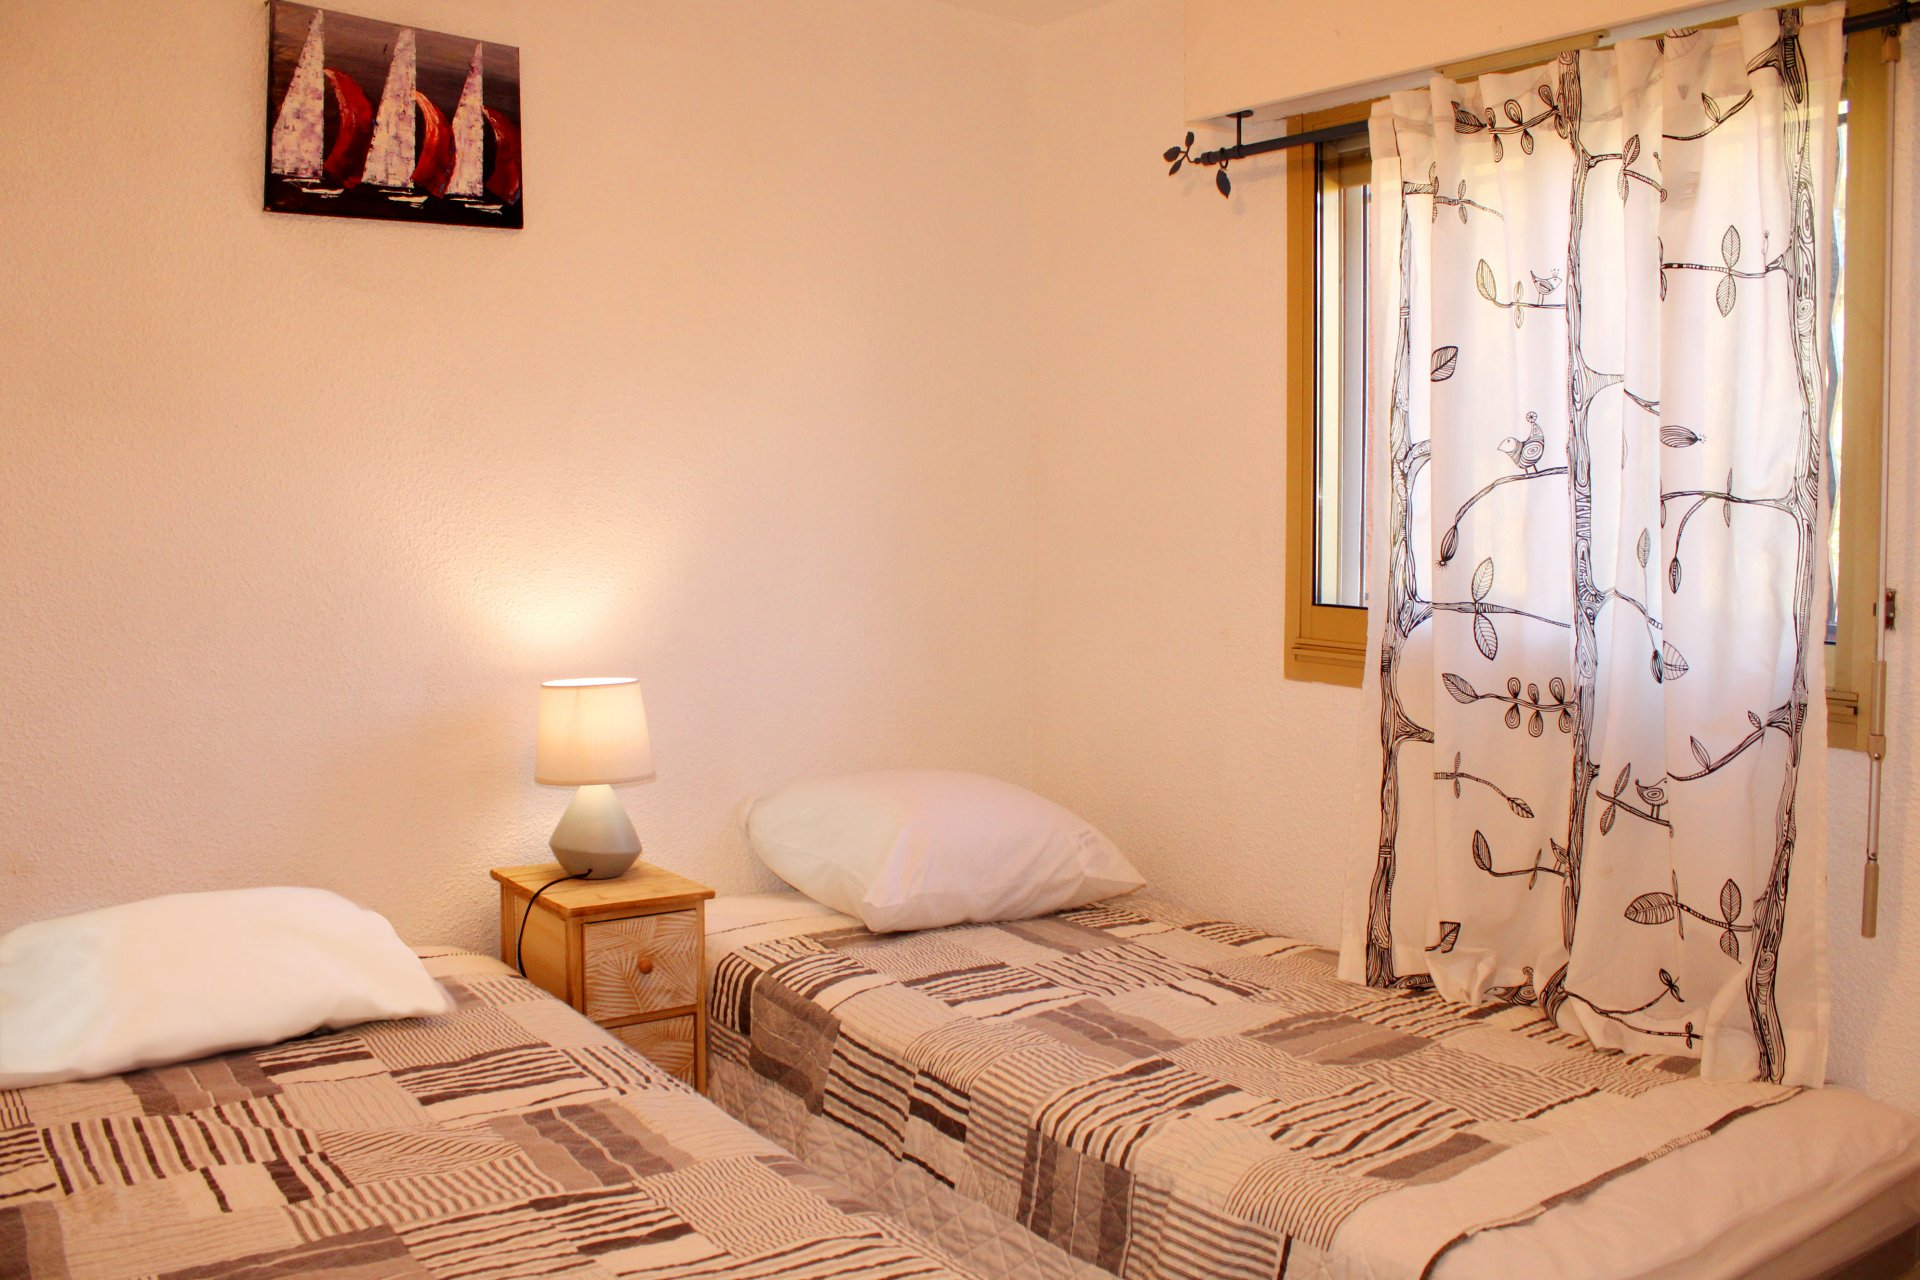 Affitto stagionale Appartamento - Théoule-sur-Mer